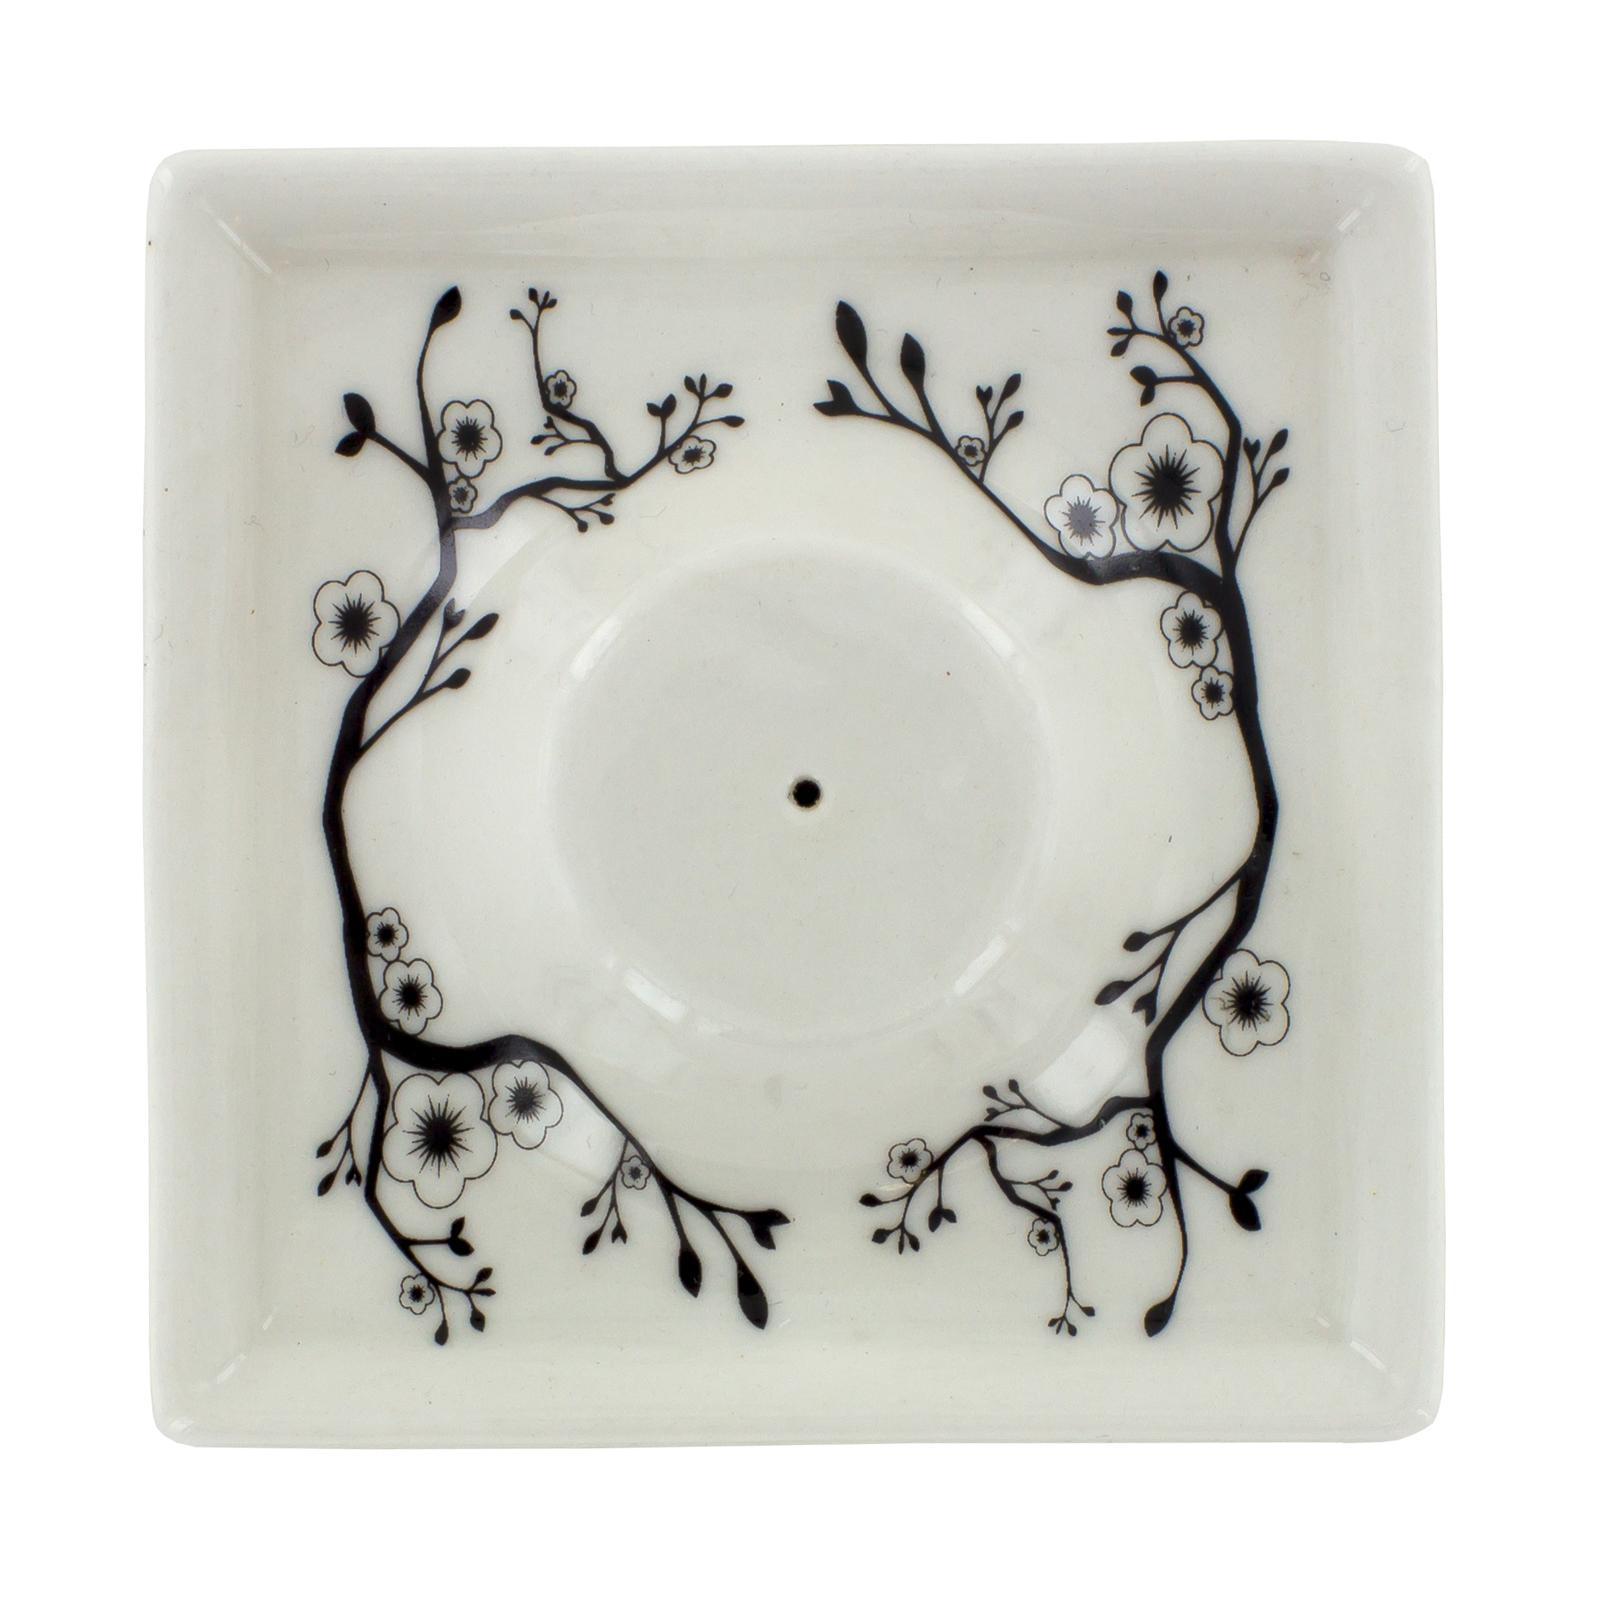 Керамическая пепельница-подставка для благовоний белая (Палочки-благовония)Палочки-благовония<br>Керамическая пепельница-подставка для благовоний белая <br>Подставки для палочек-благовоний декорированы так же, как и линия черно-белых керамических аромаламп Ashleigh &amp; Burwood из серии «Простая керамика»<br>